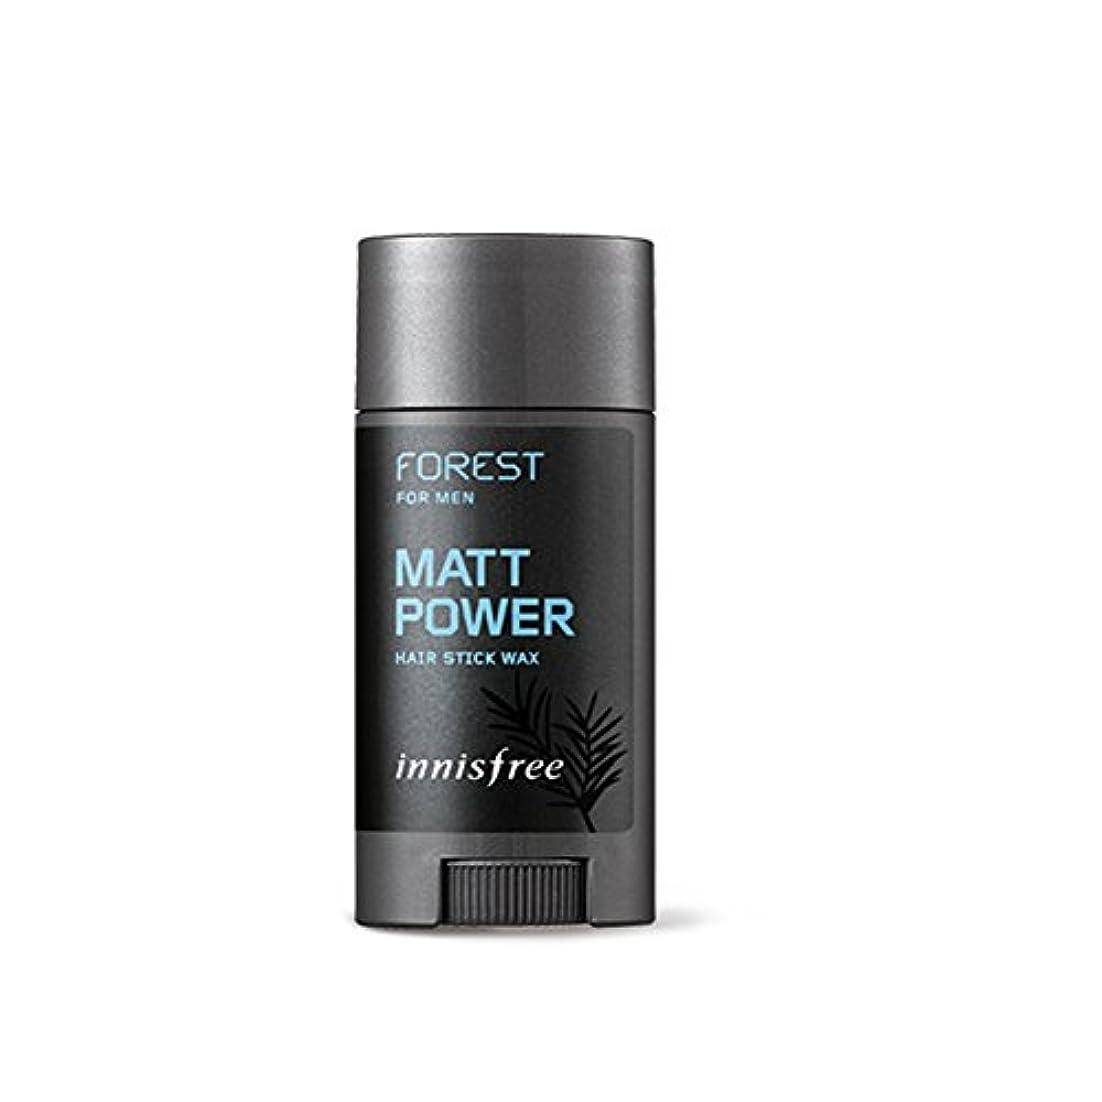 ホールド南西活気づけるイニスフリーフォレストメンズヘアスティックワックス、マットパワー15g / Innisfree Forest for Men Hair Stick Wax, Matt Power 15g [並行輸入品][海外直送品]